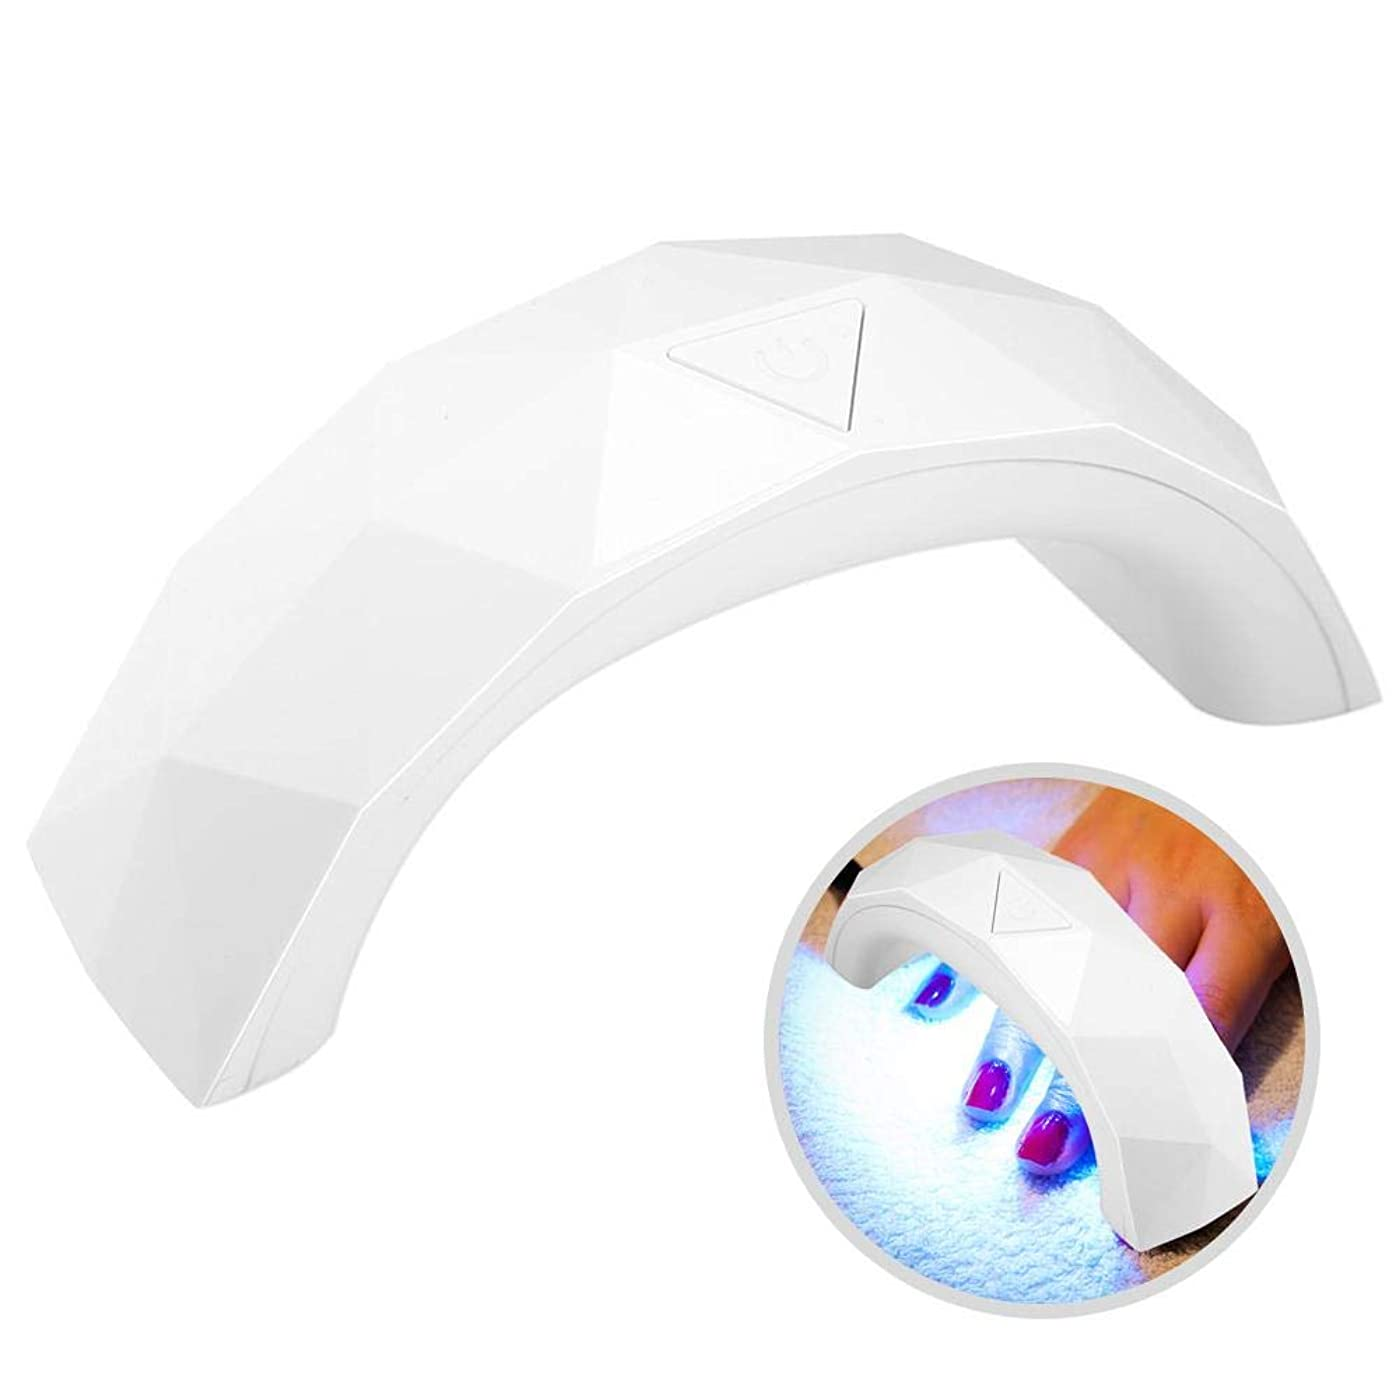 スナック参照弾性LEDネイルライト,ネイルドライヤー60 sタイミング紫外線ジェルネイルポリッシュドライ硬化マニキュアusbネイルポリッシュドライヤー